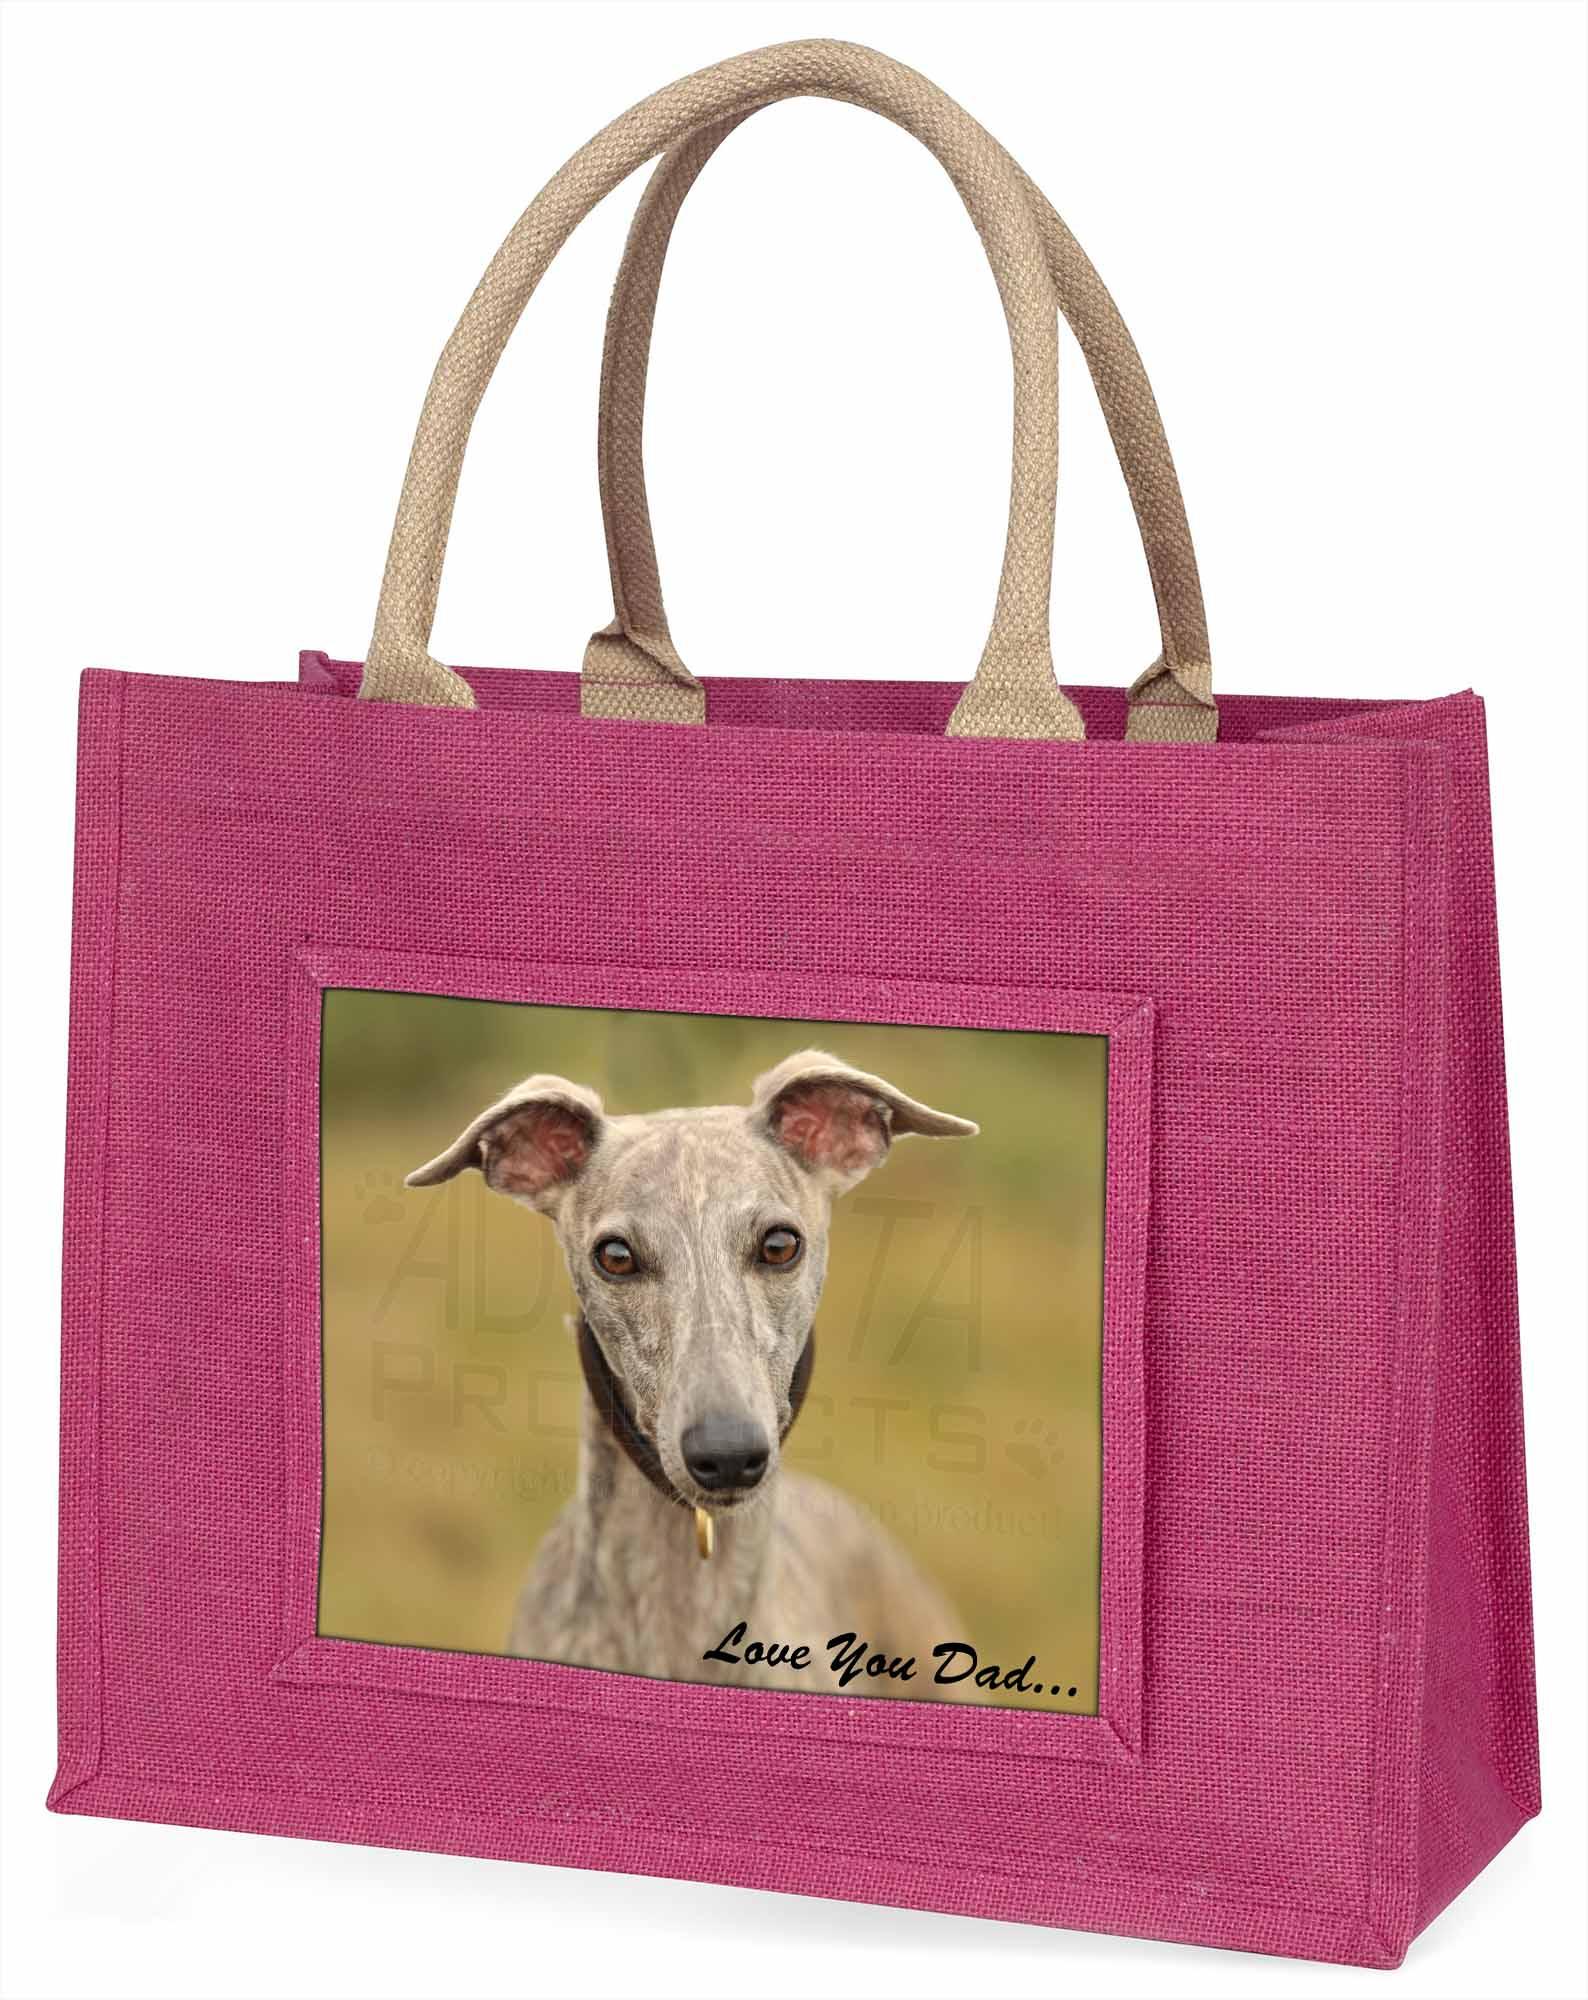 Whippet Hund' liebe Dich Papa' große rosa Einkaufstasche Weihnachtsgeschenk,